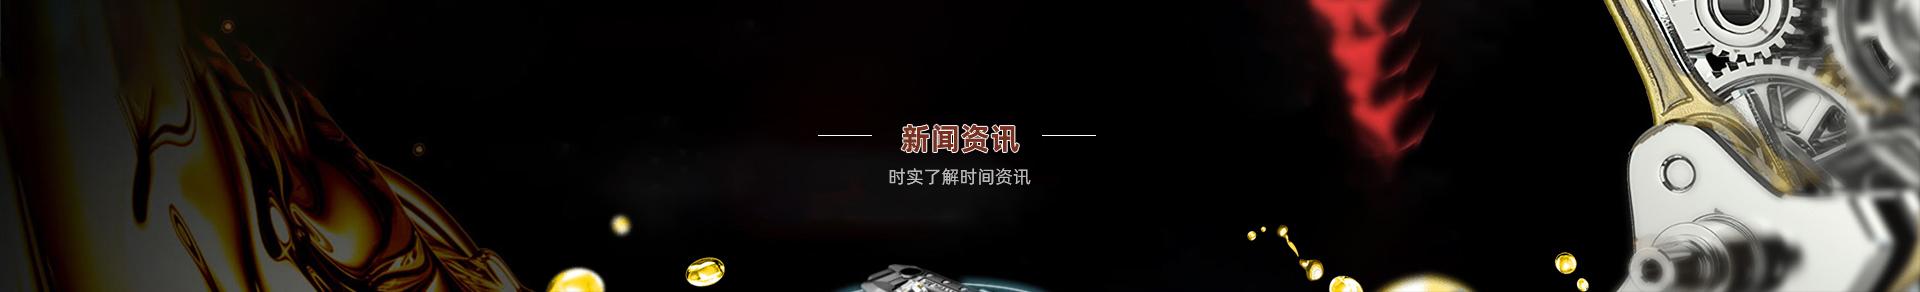 新闻banner